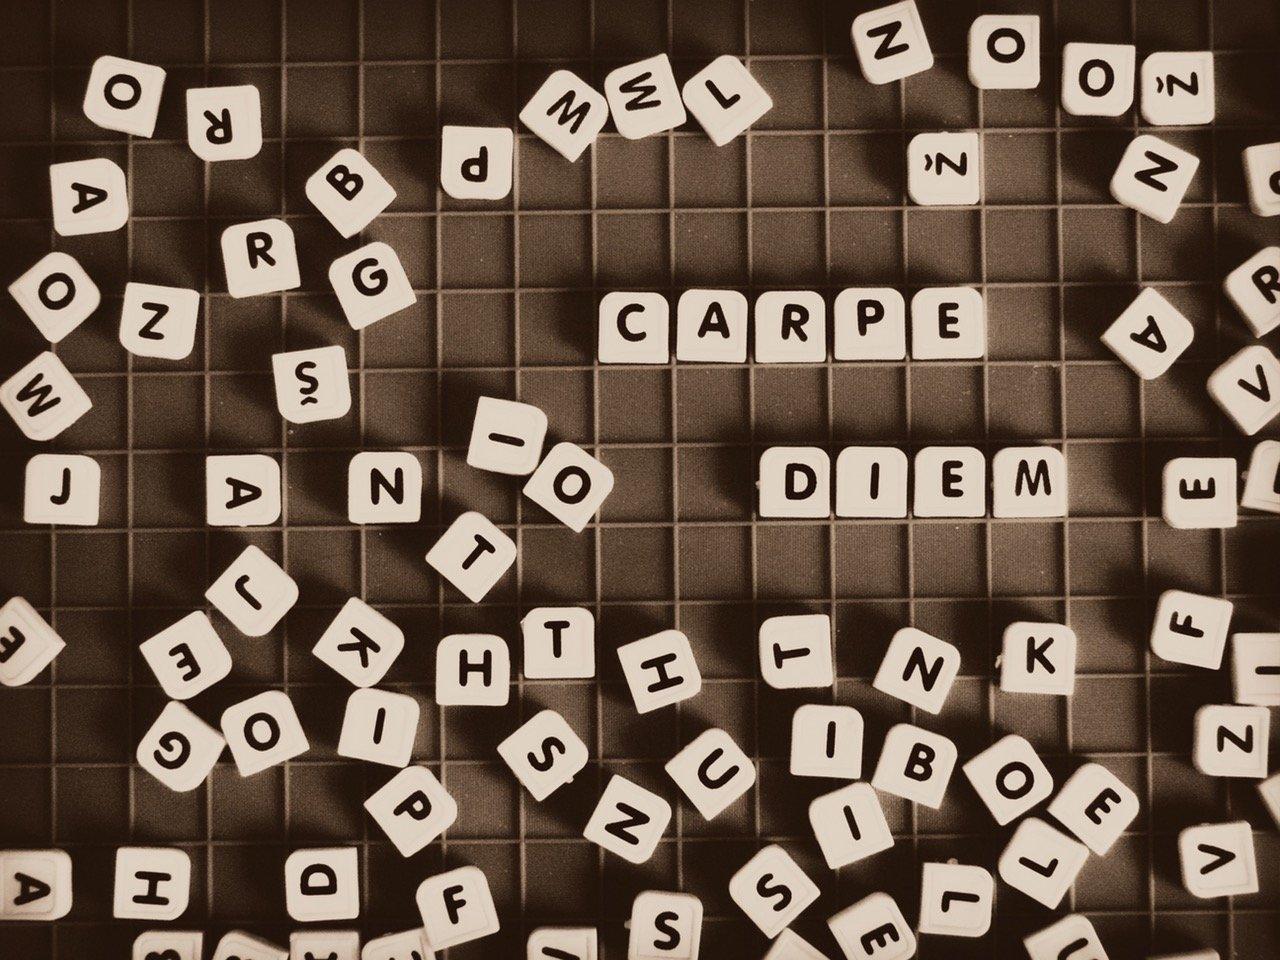 Parole chiave. 6 tools gratis per utilizzarle al meglio e vivere felici